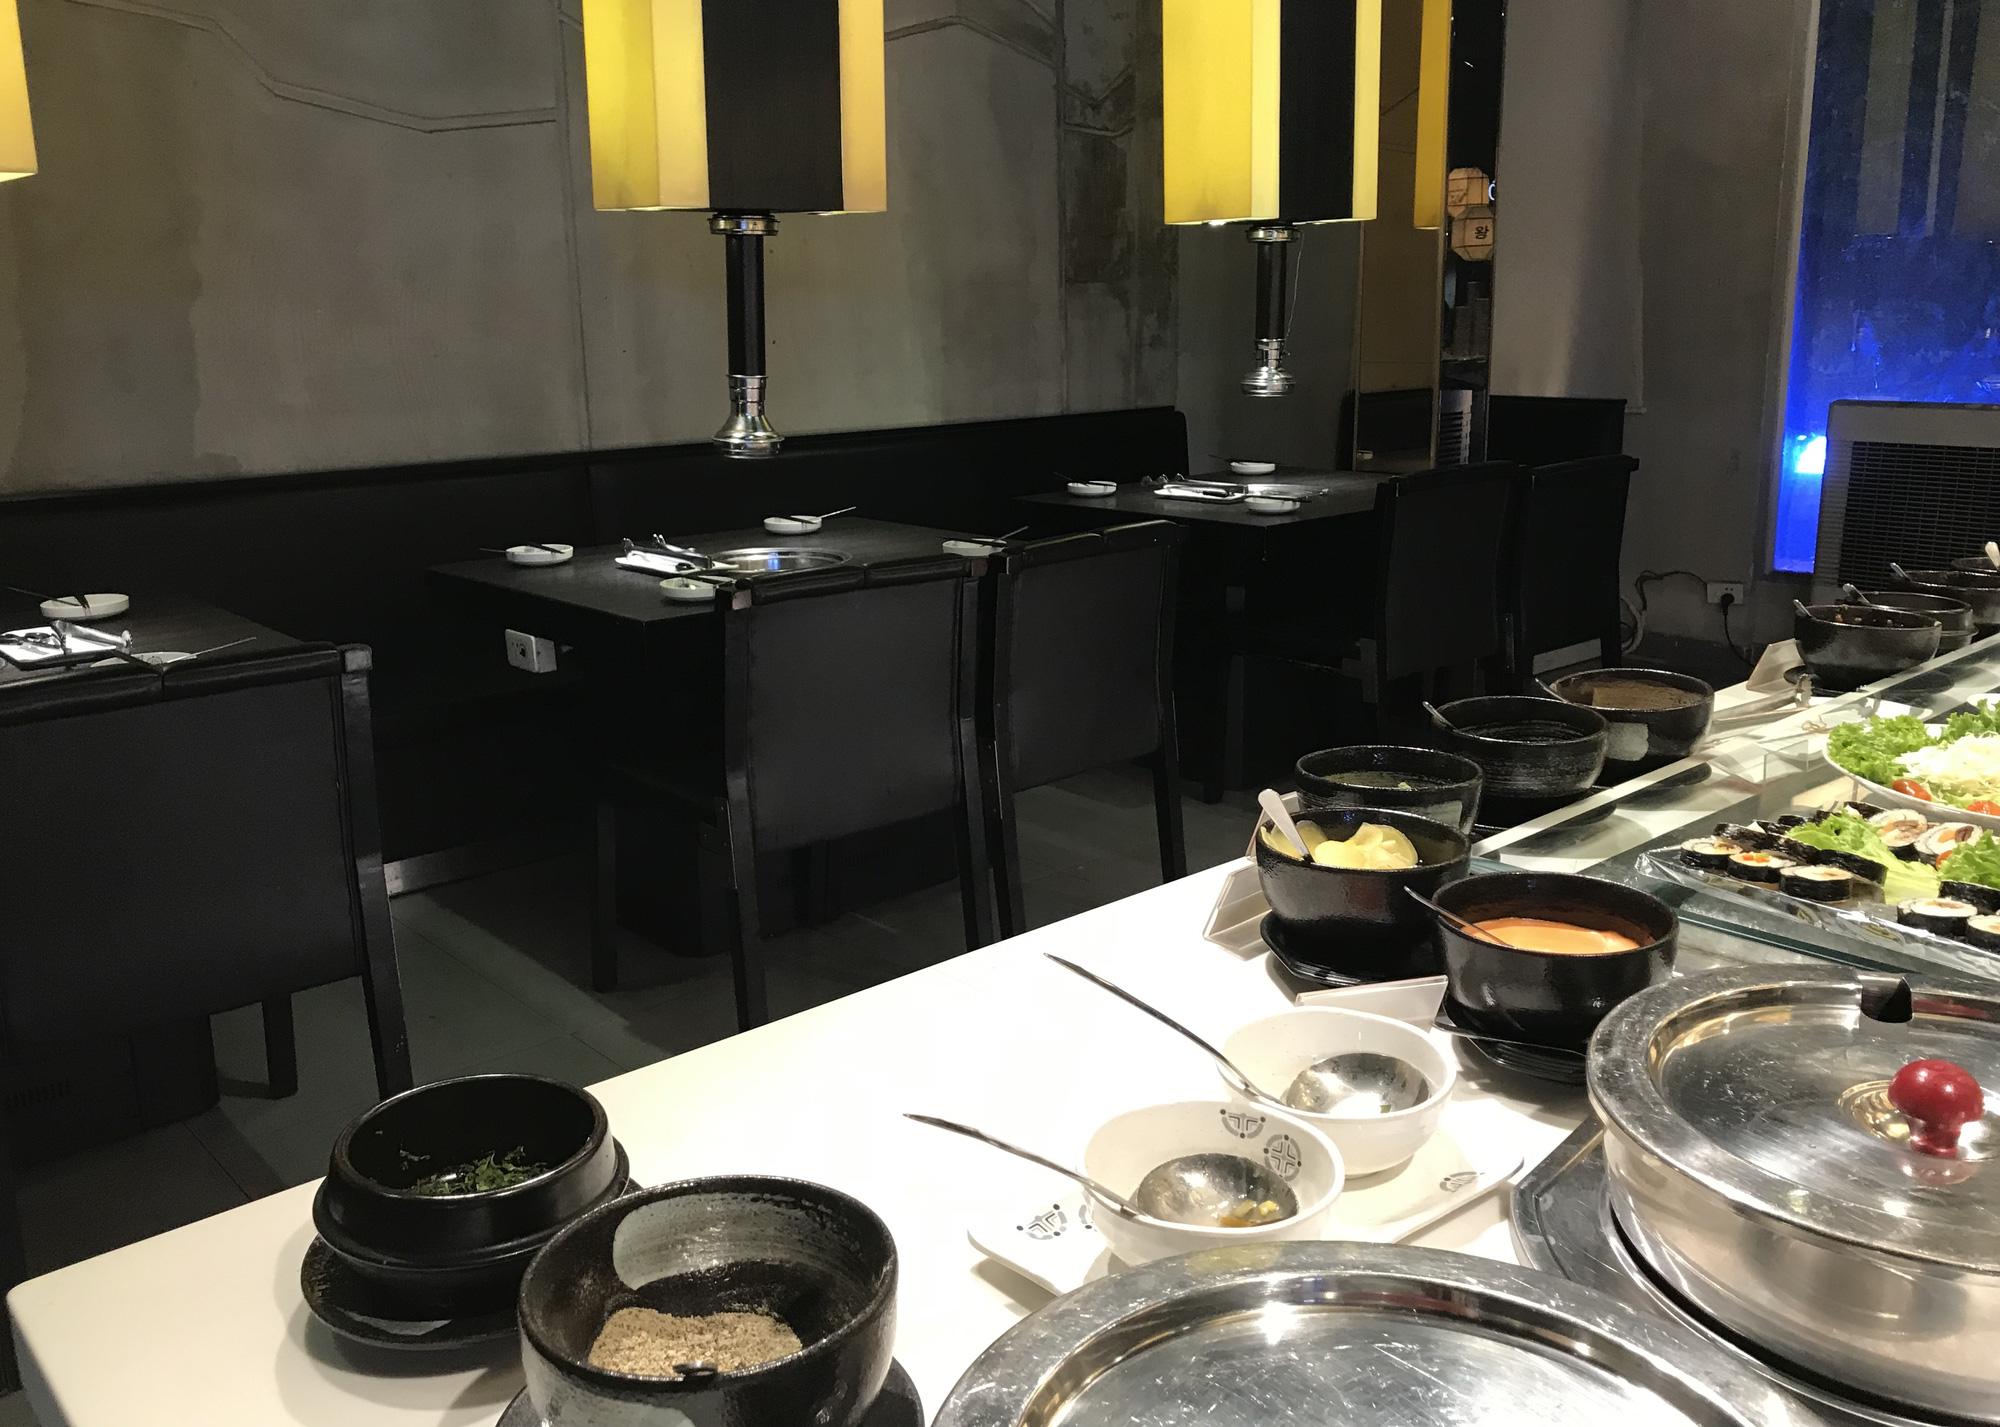 Nhà hàng, quán ăn, cà phê, trà sữa ở Sài Gòn quay lại cảnh đợi khách, vắng tanh chưa từng thấy vì dịch Covid-19 - Ảnh 9.